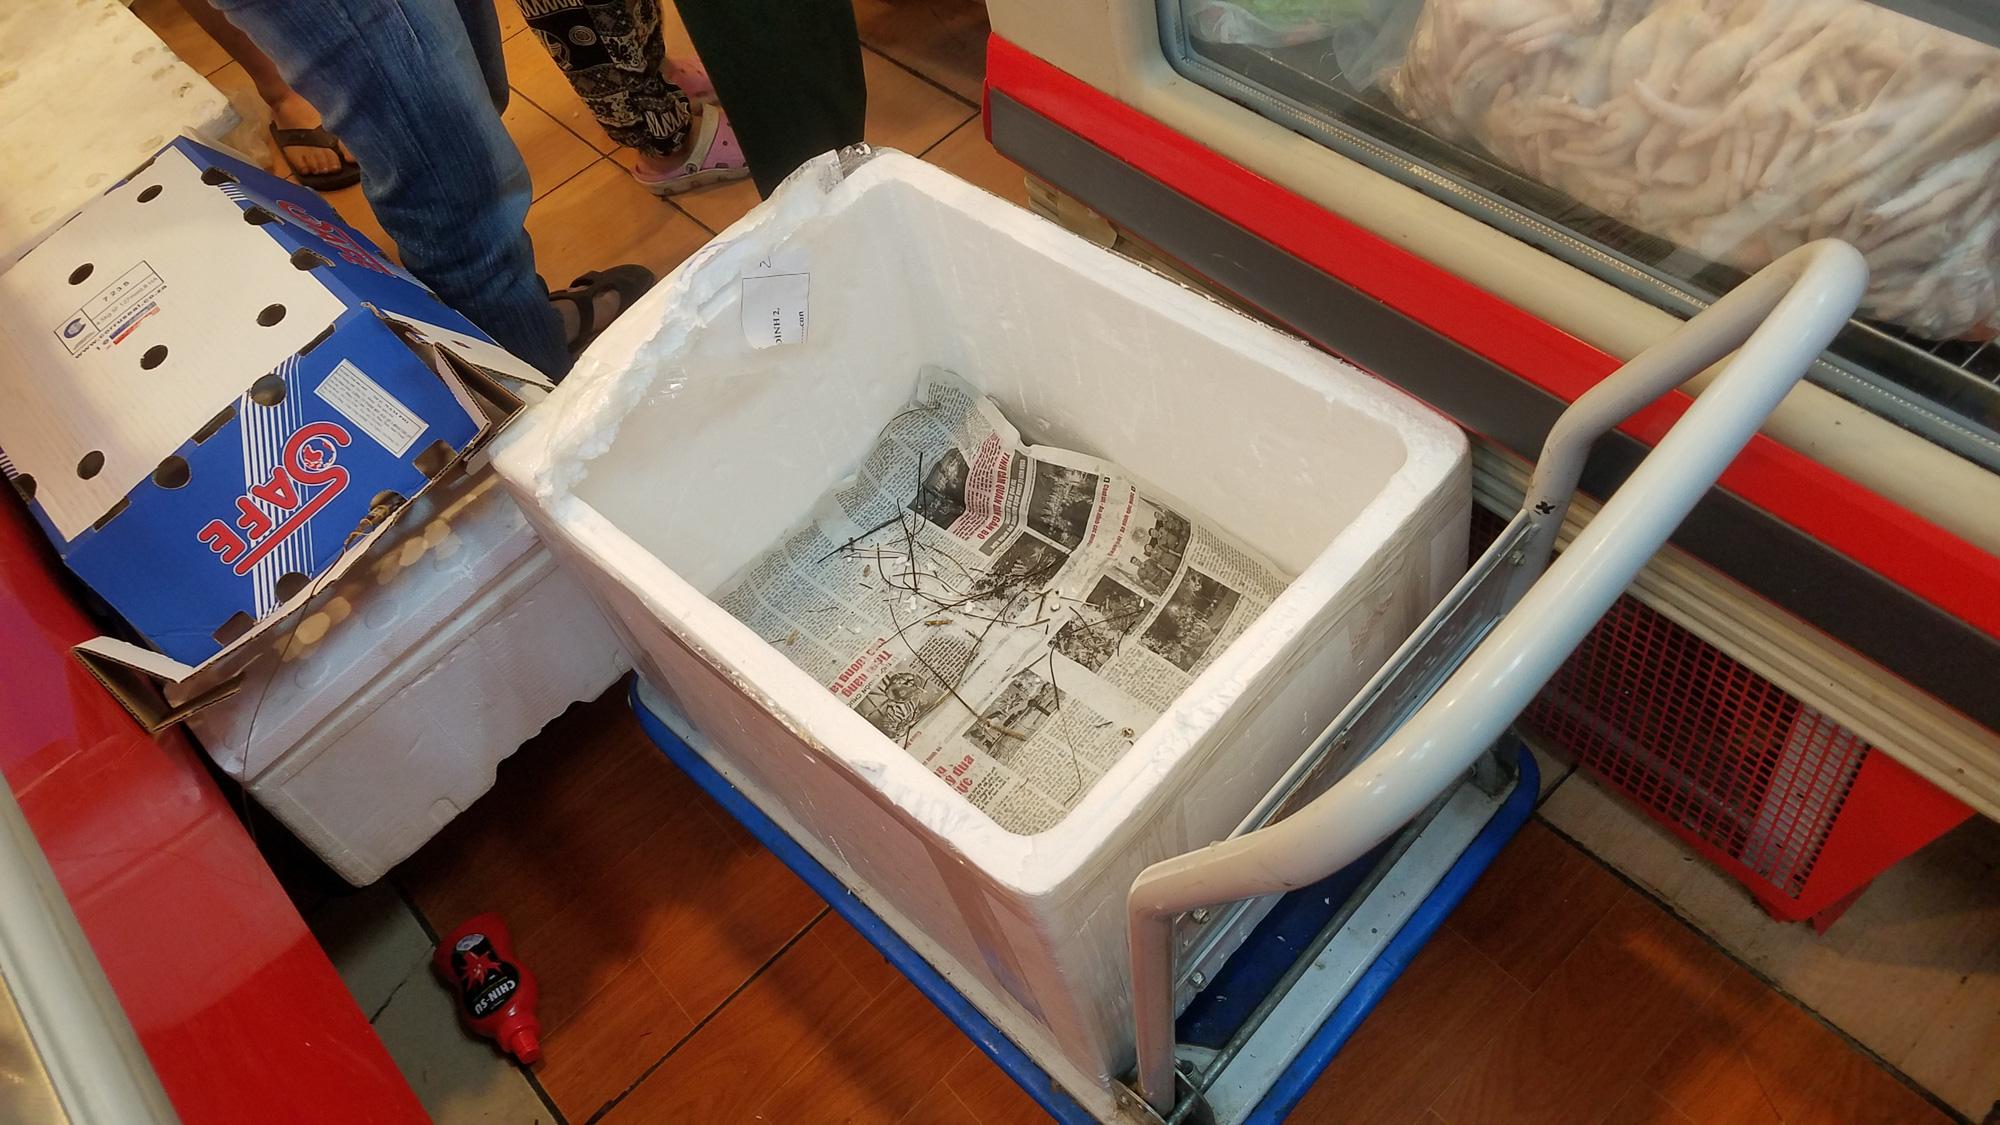 Hãi hùng cảnh tượng người Hà Nội chen lấn, giành giật để mua tôm hùm giảm giá - Ảnh 4.